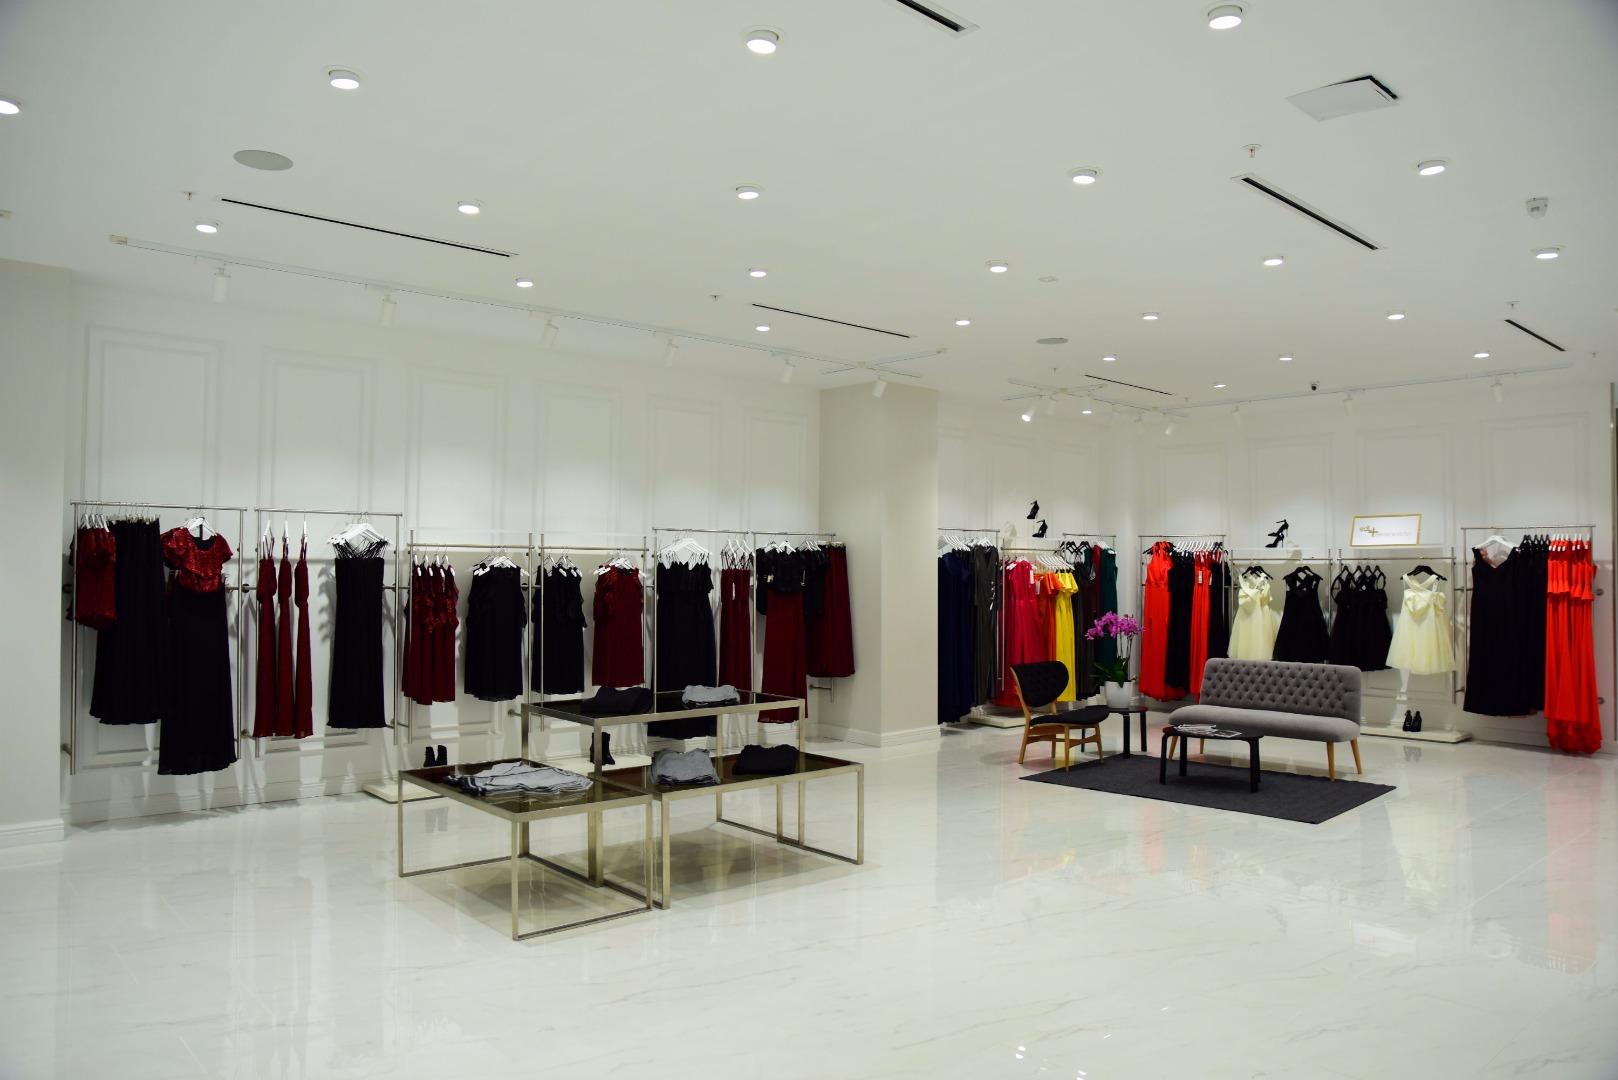 adL Türkiye'deki en büyük 2'inci mağazasını açtı